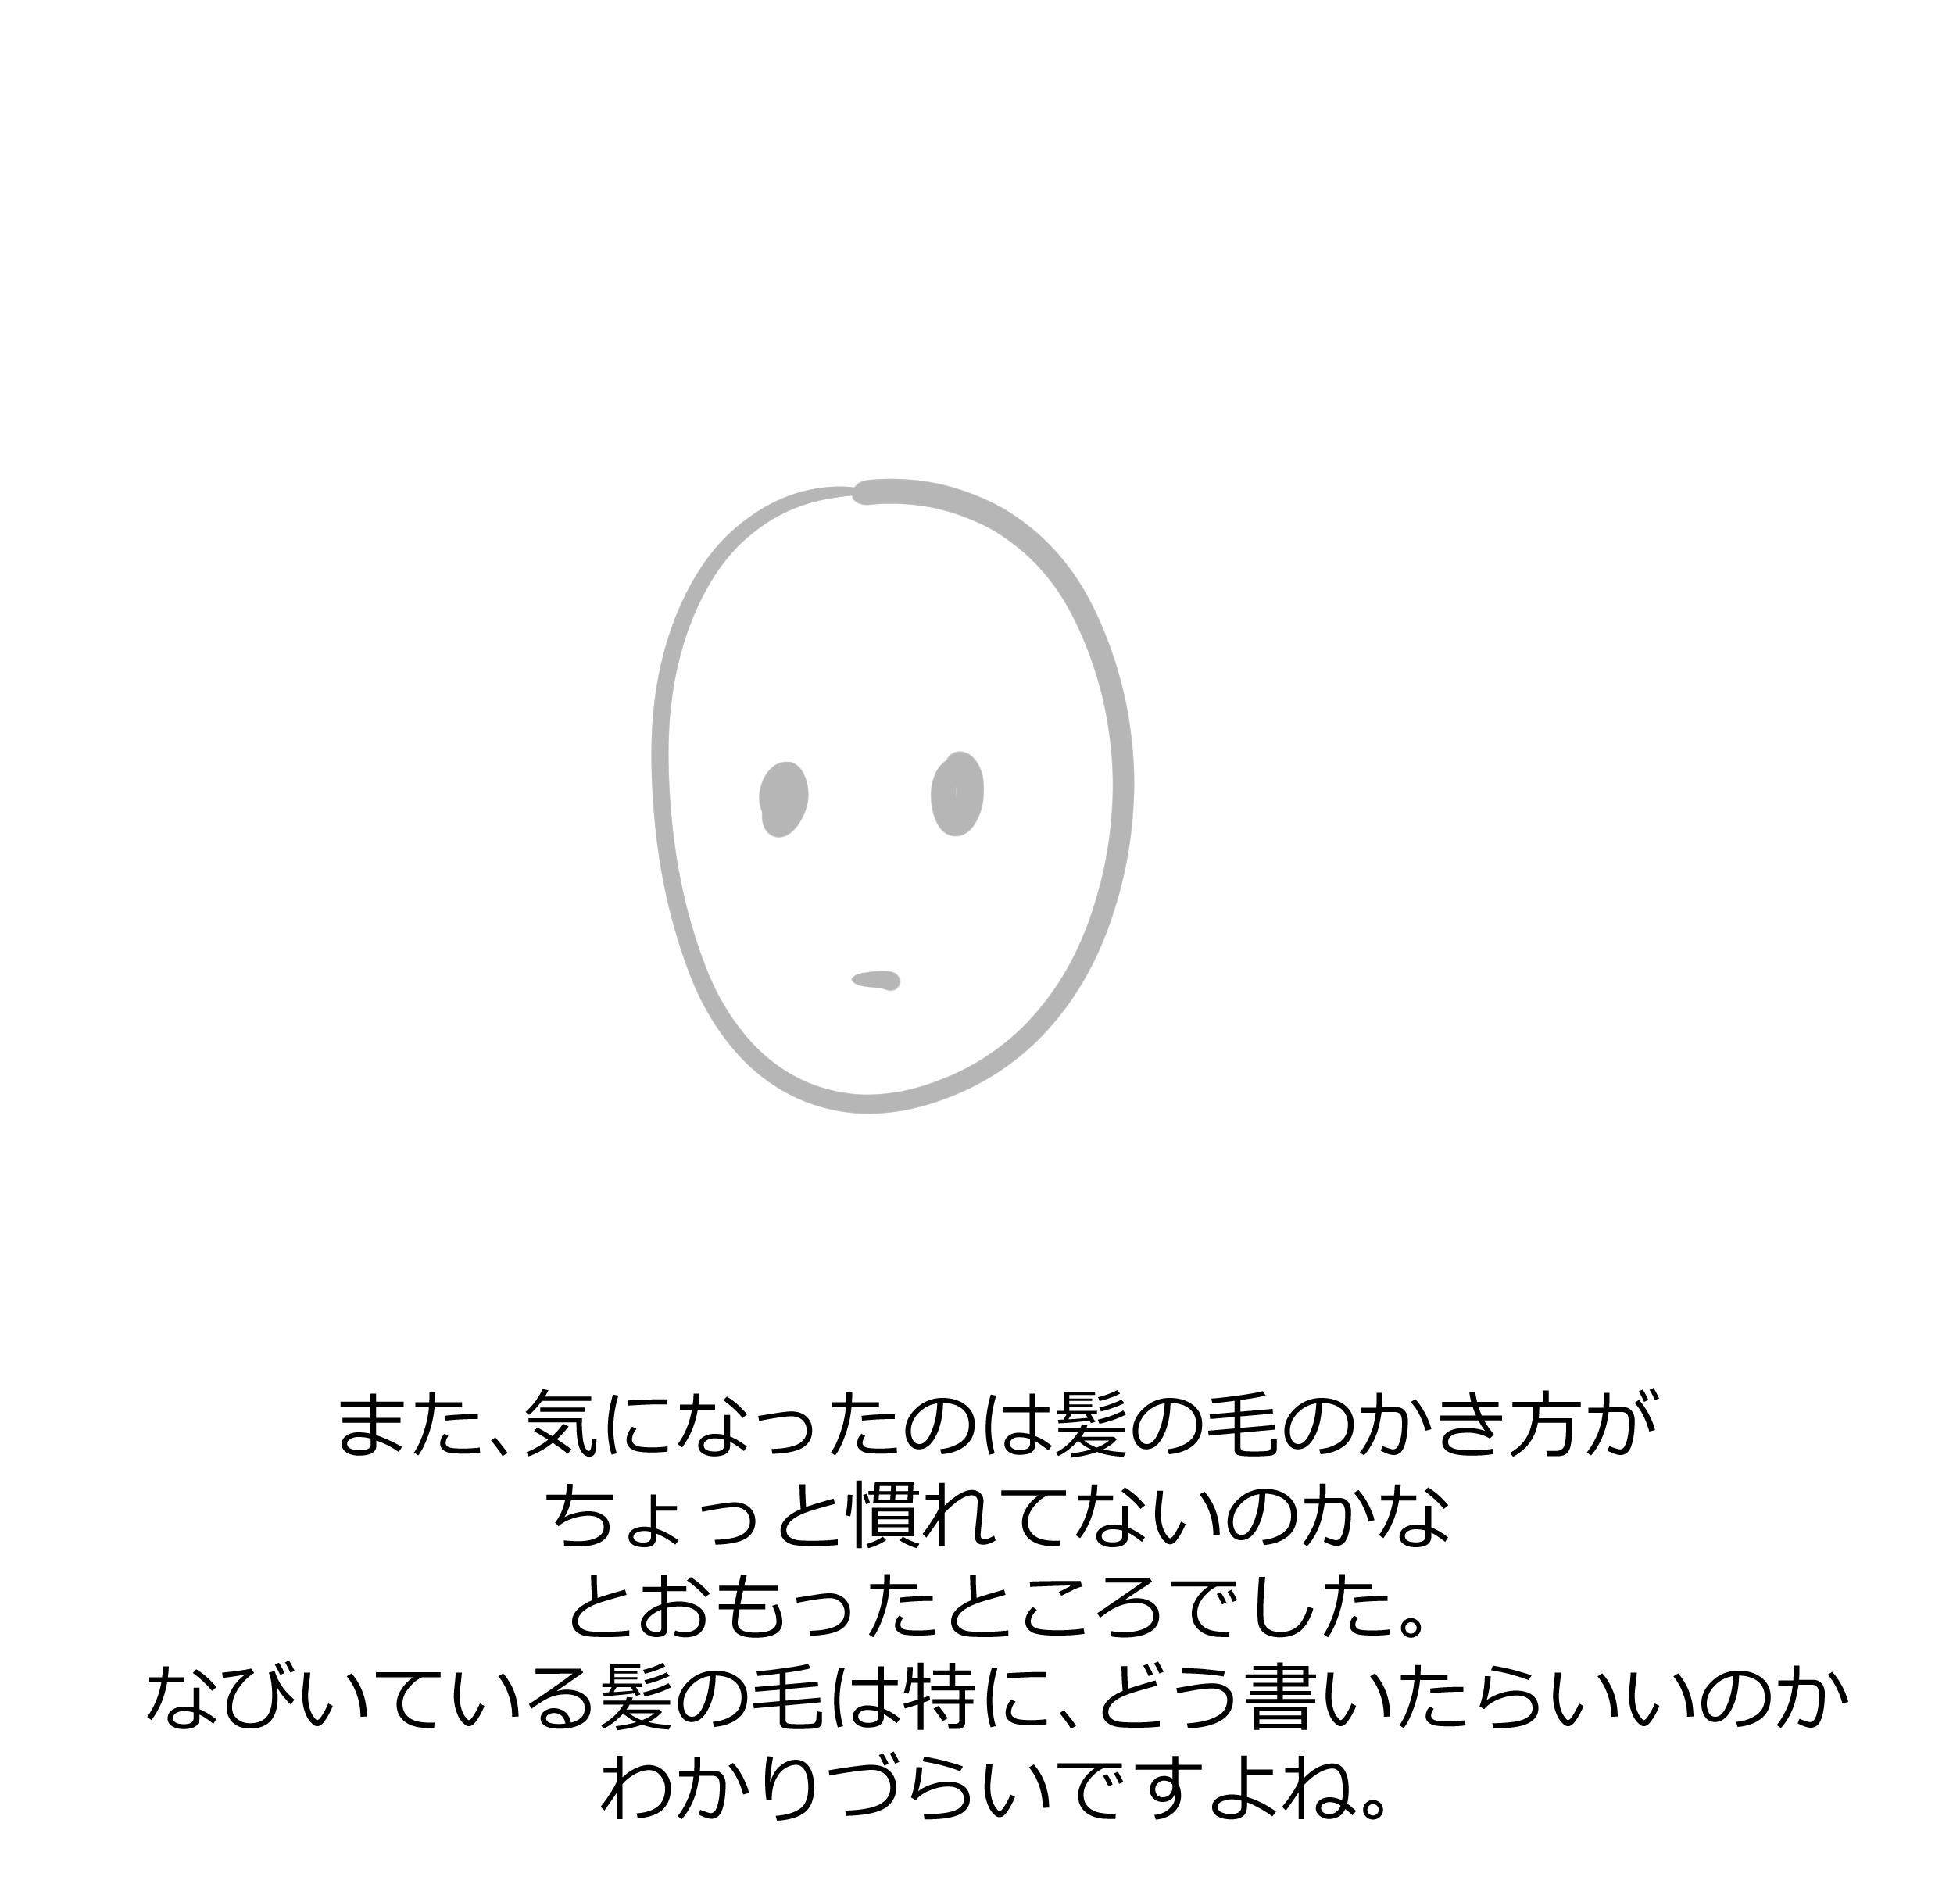 PuTRp0cy_20.jpg